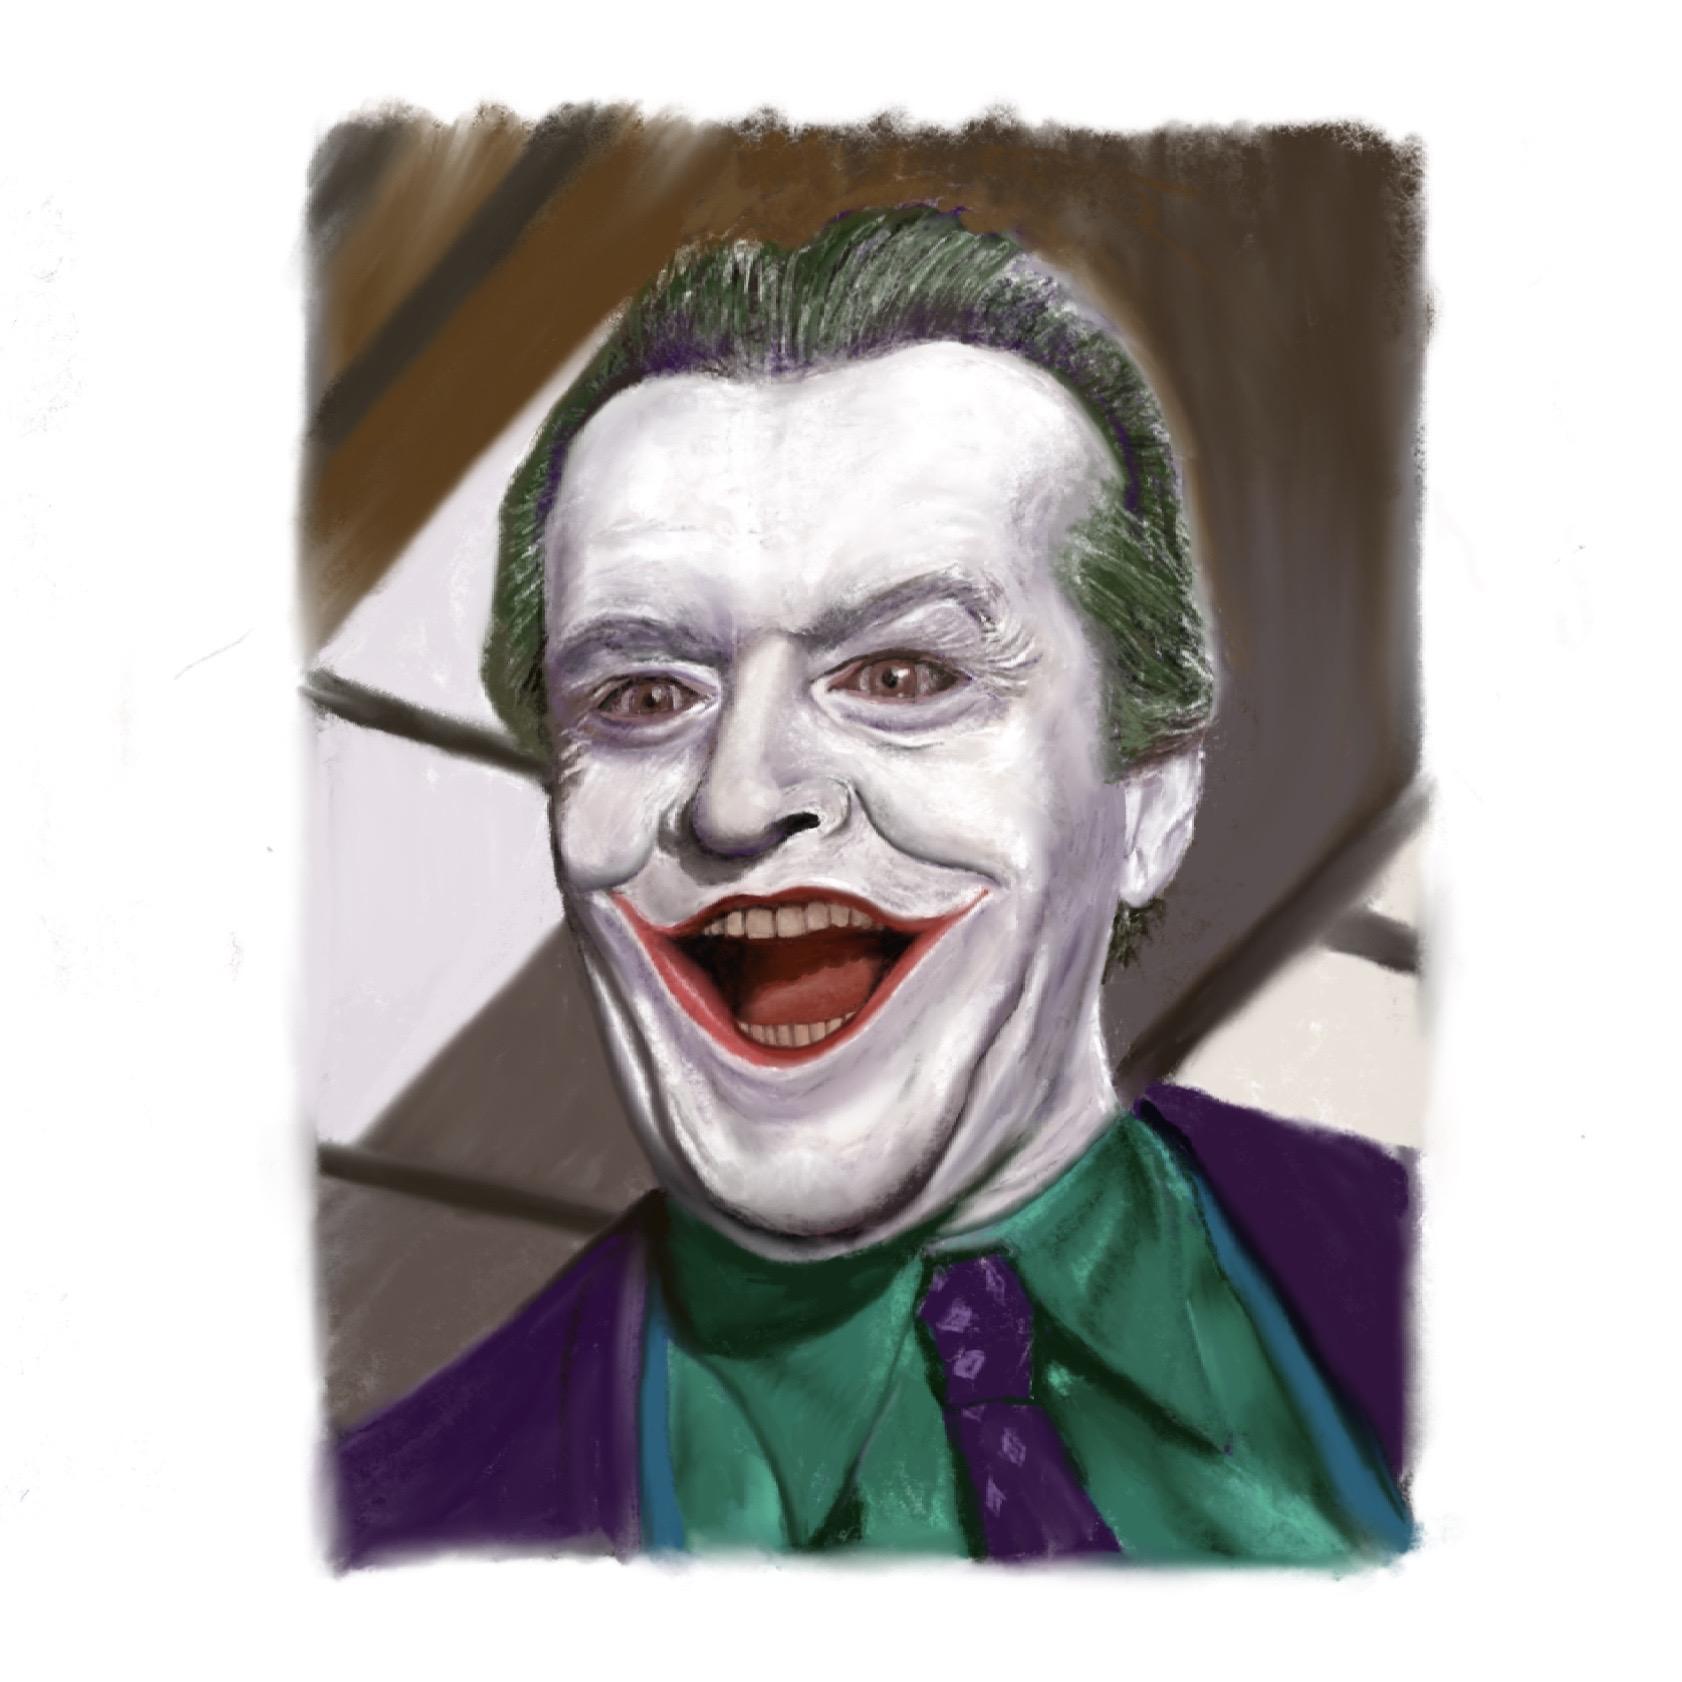 The Joker Jack